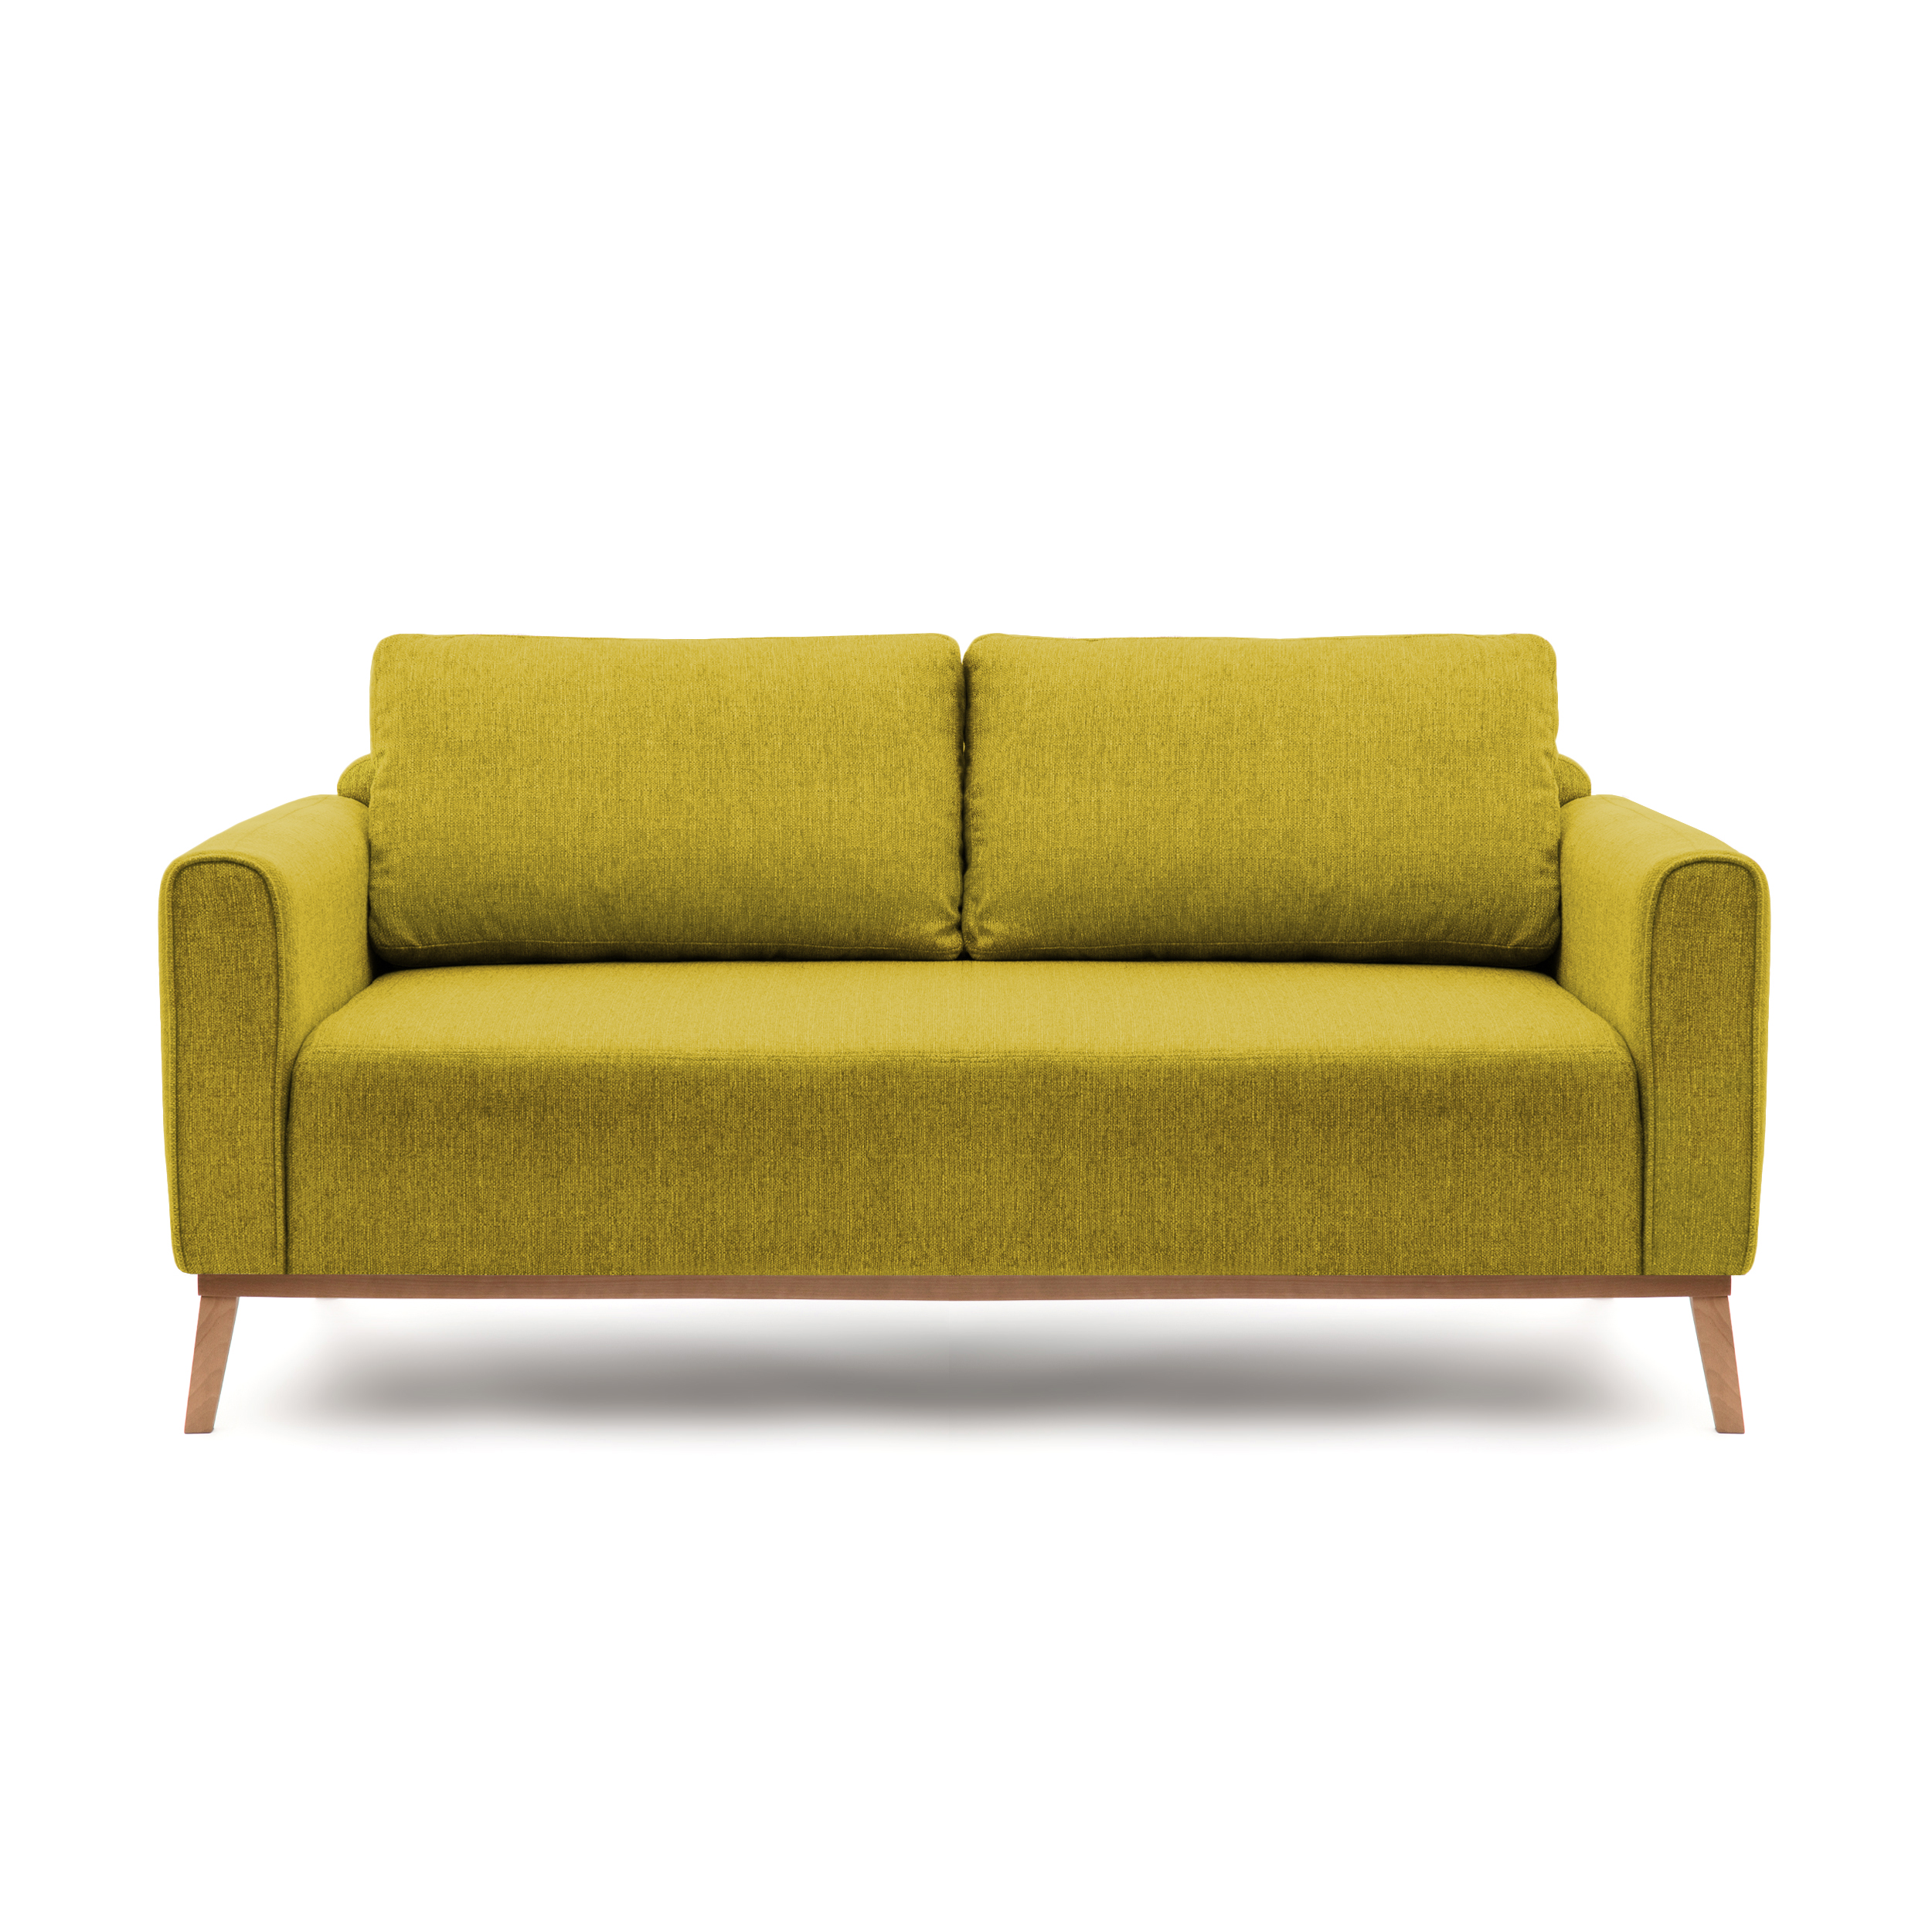 Canapea Fixa 3 locuri Milton Green